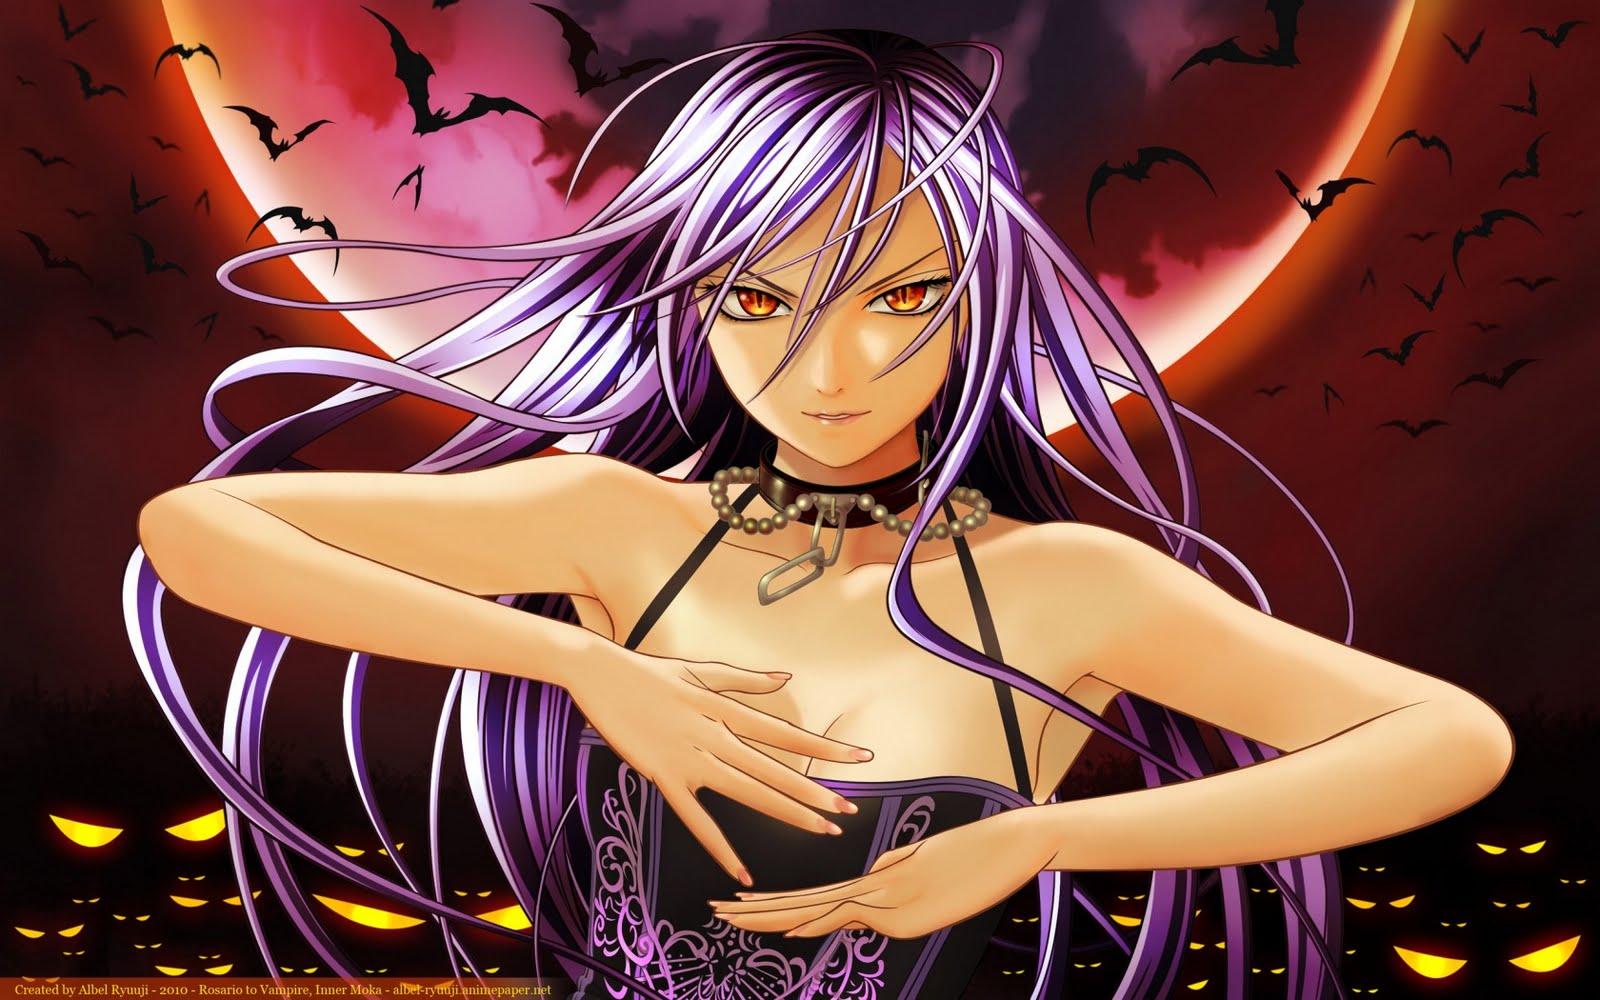 Anime like rosario to vampire